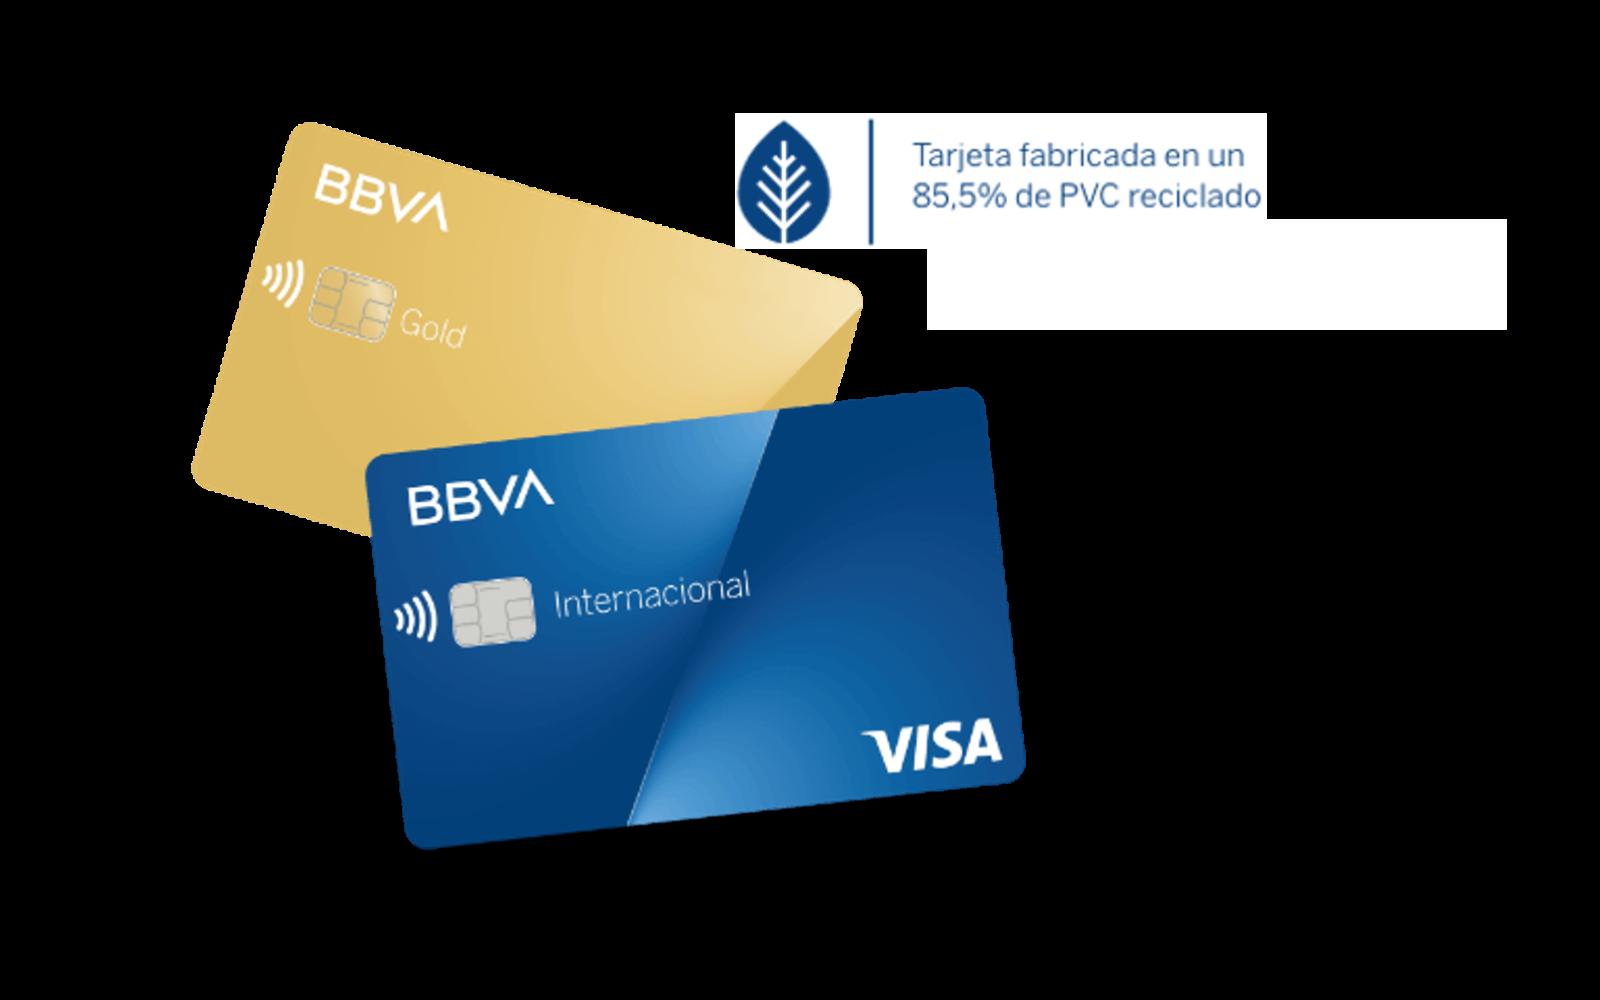 Tarjeta de Crédito BBVA - Lea más al Respecto